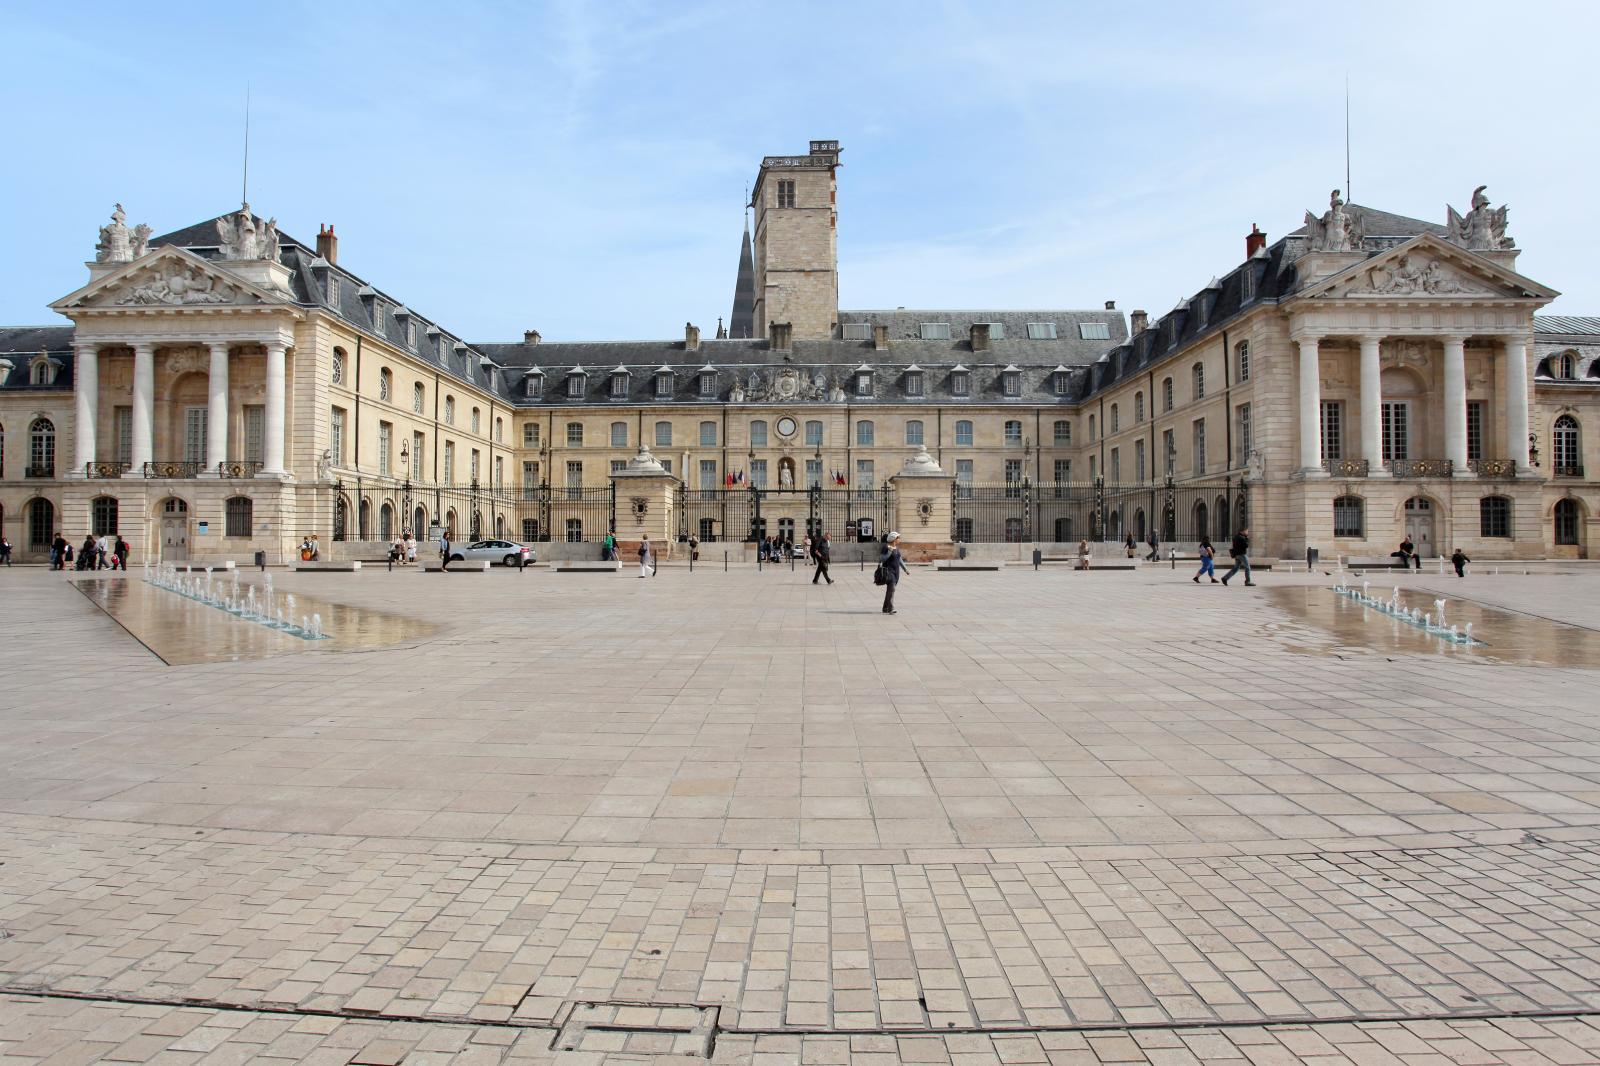 Le palais des États et des ducs de Bourgogne depuis la place de la Libération. Le musée des beaux-arts occupe l'aile orientale.